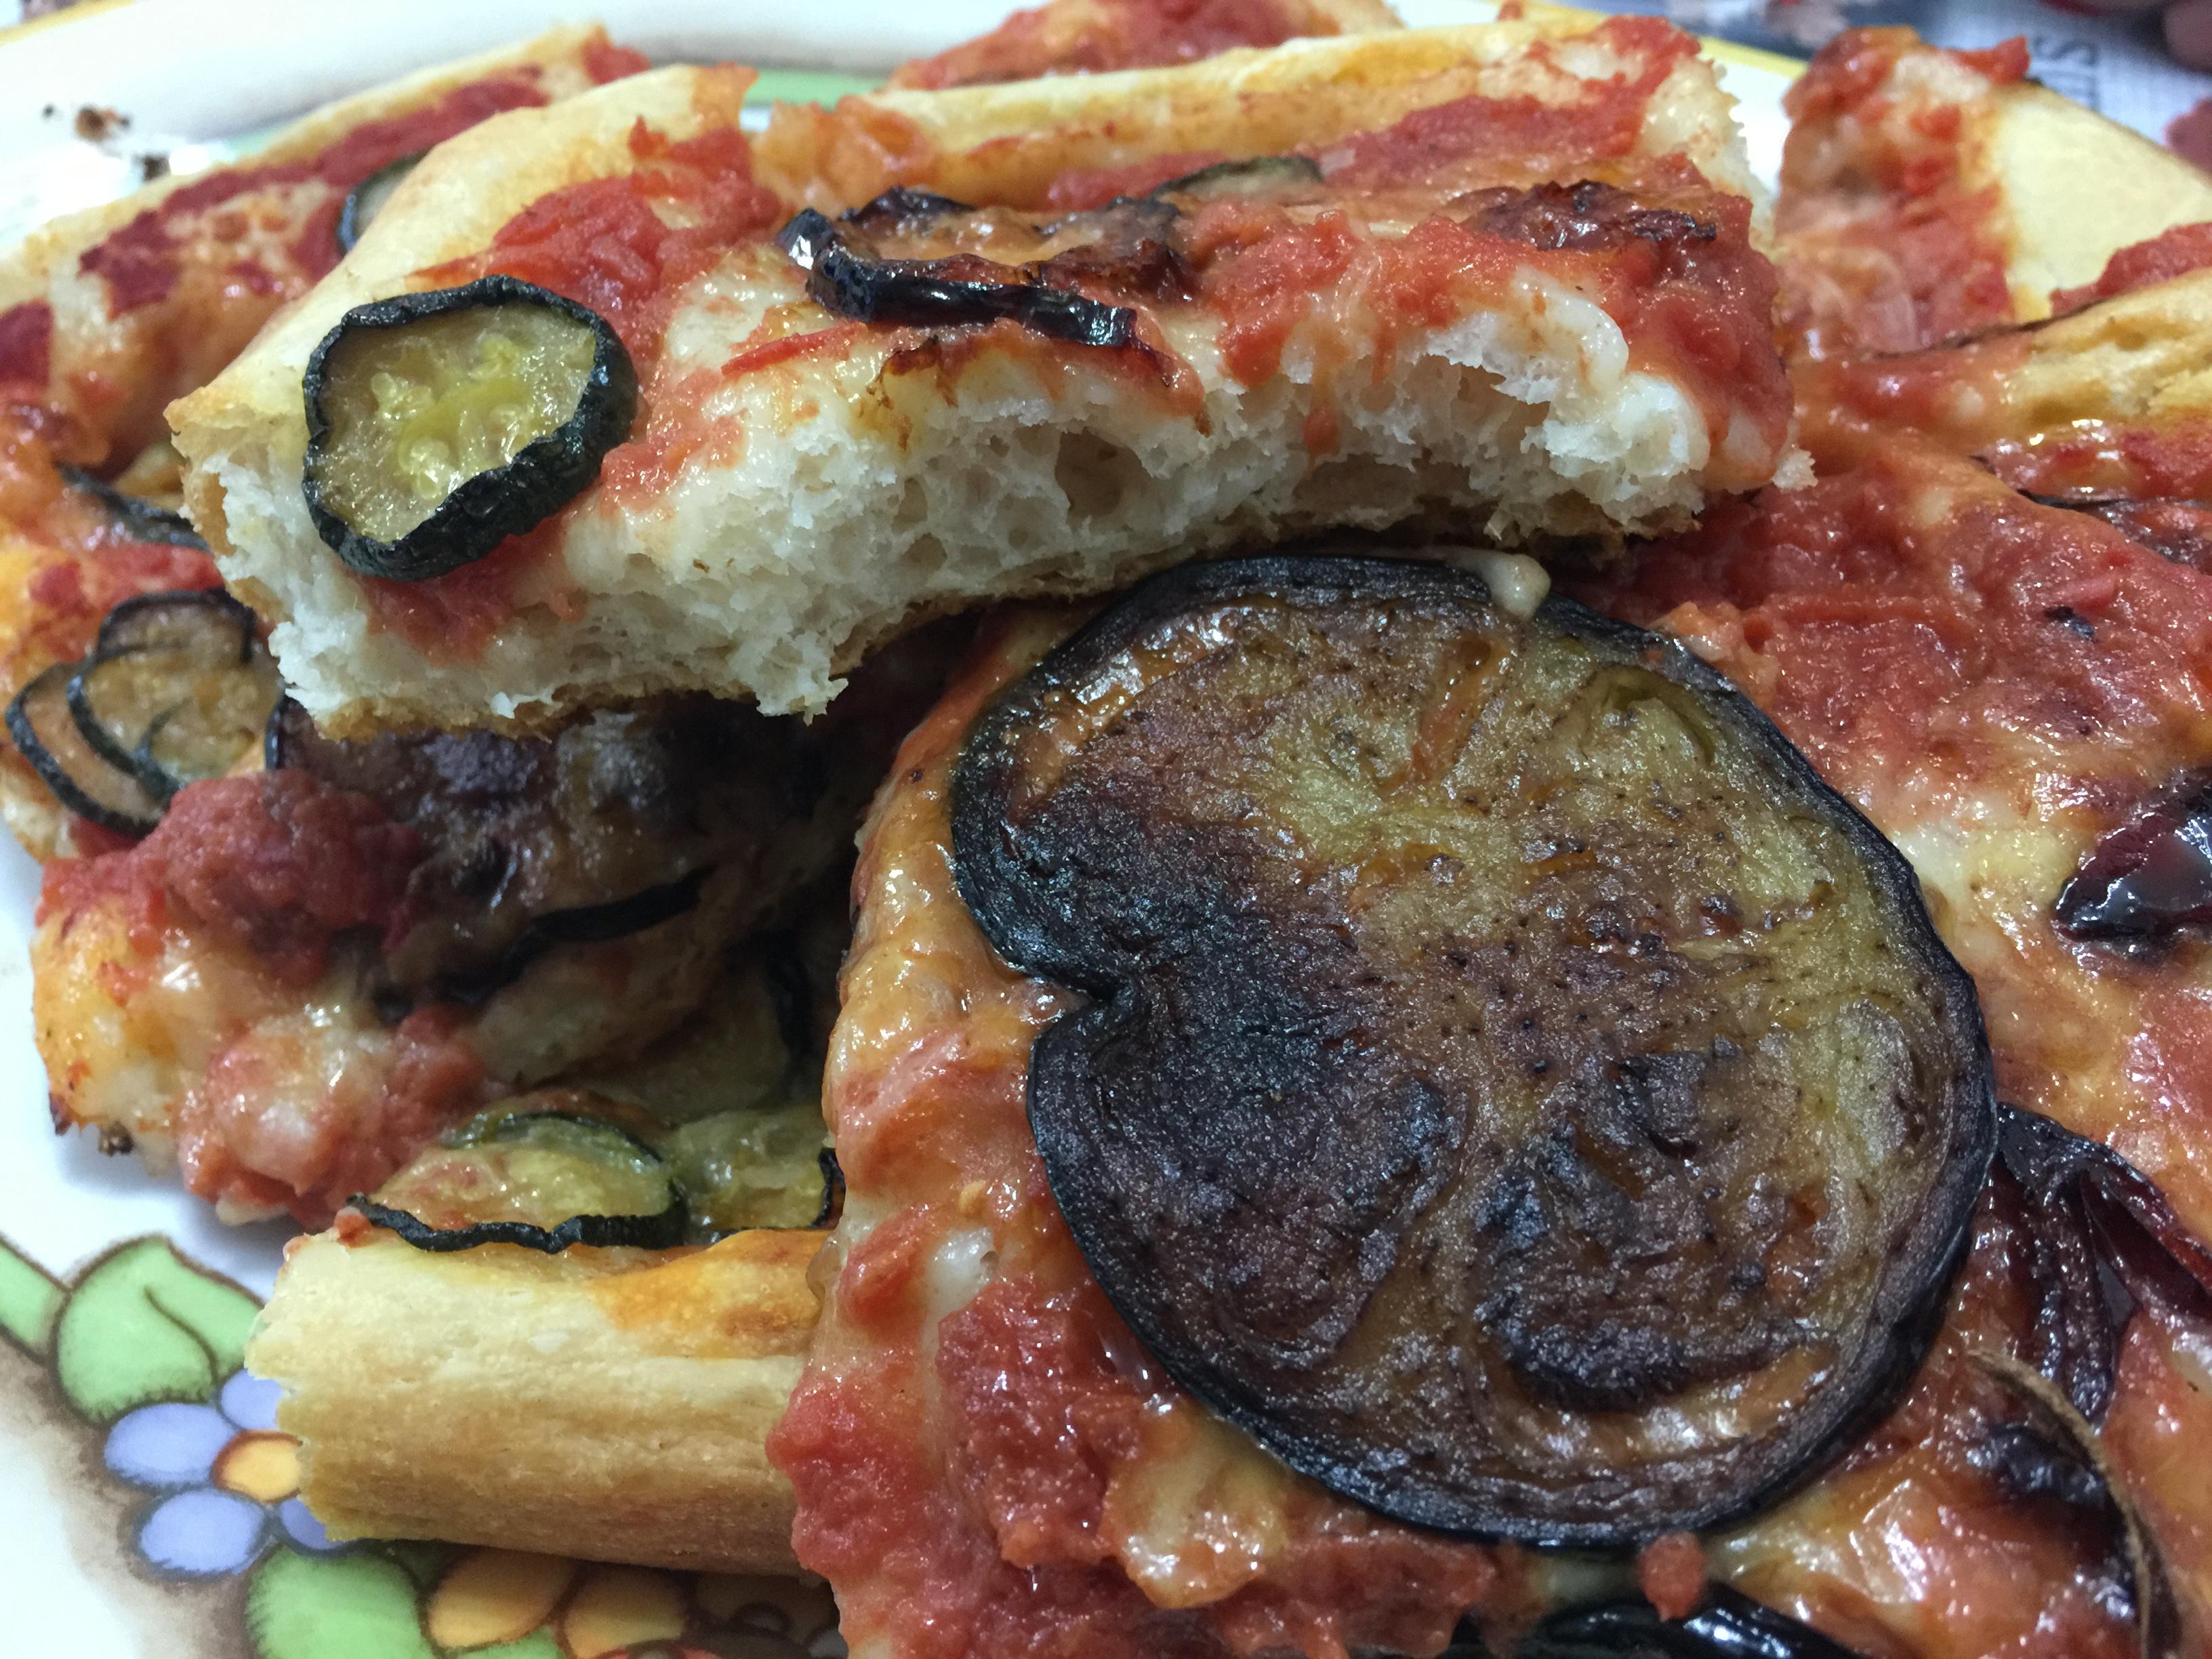 pizzetta al taglio